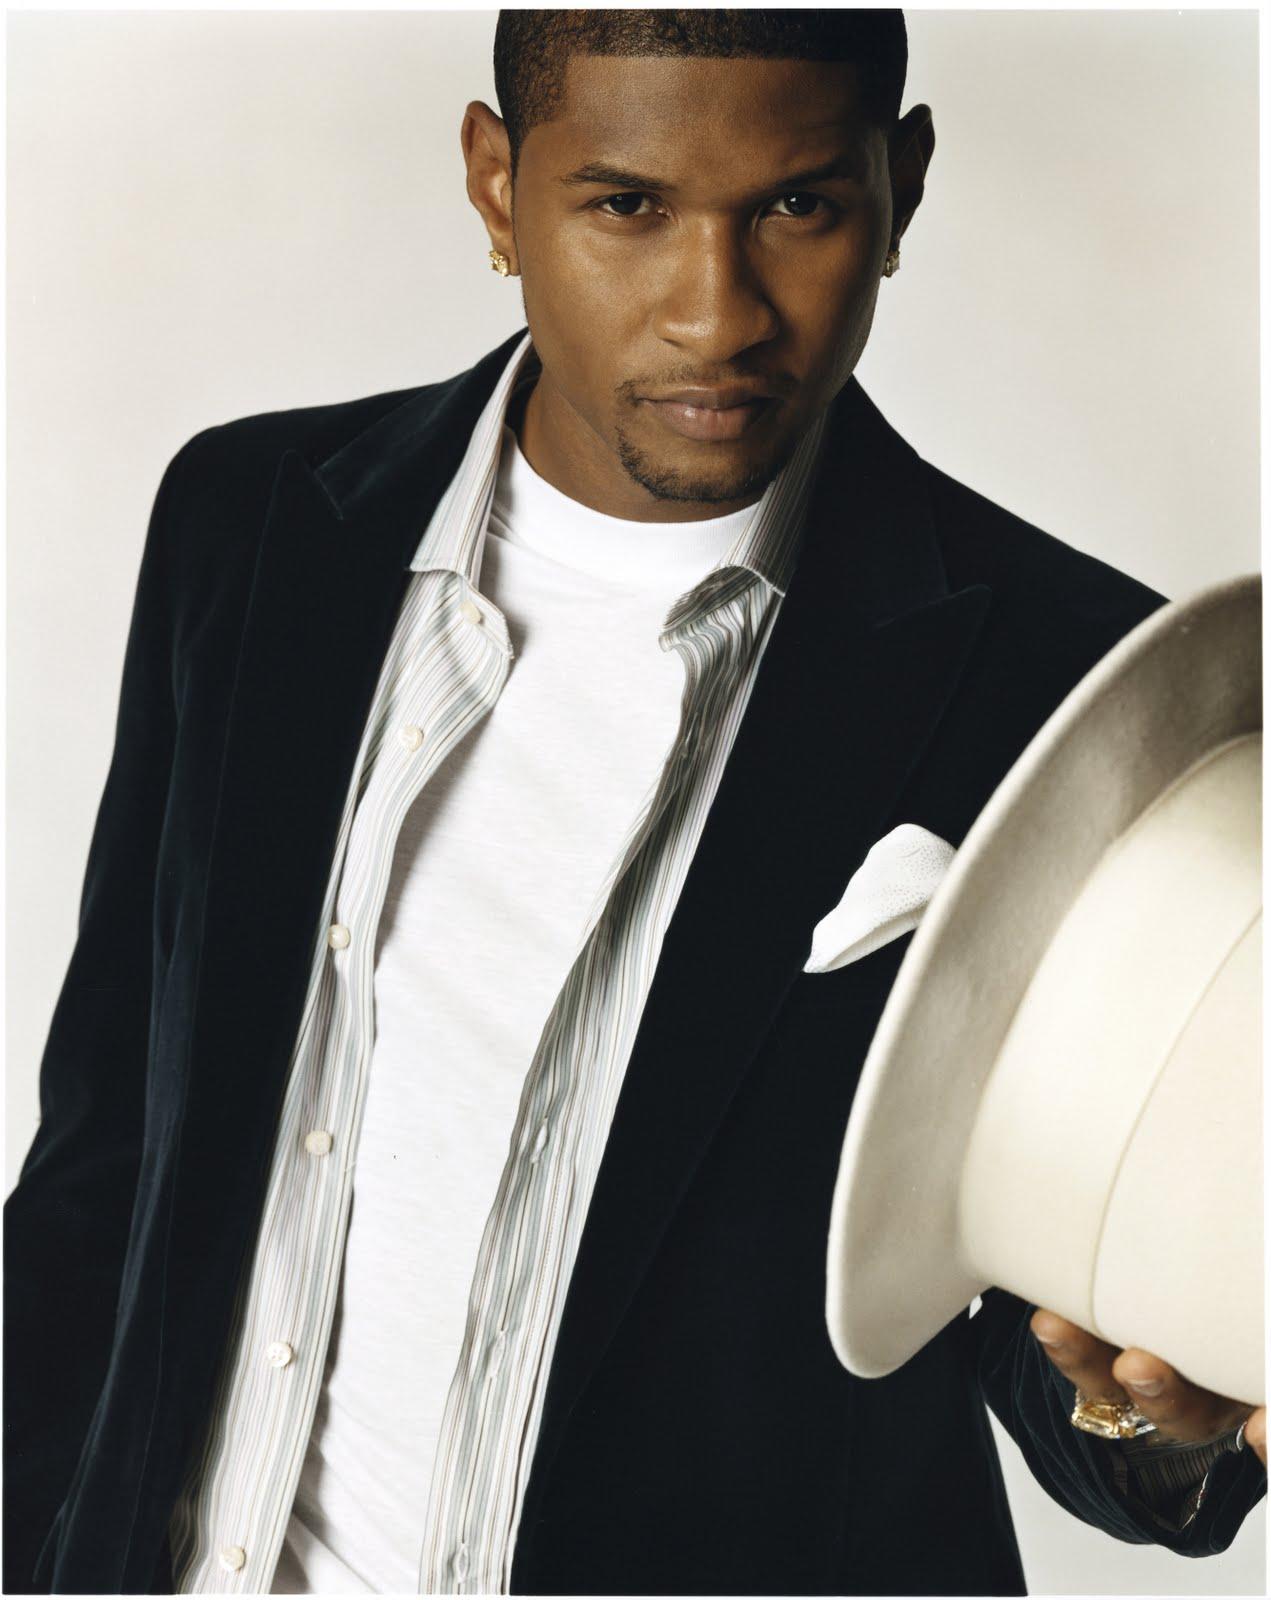 http://4.bp.blogspot.com/-PVlsFBwg6xg/TlLmyAETIuI/AAAAAAAALv8/yyBwagRd-xM/s1600/Usher.jpg